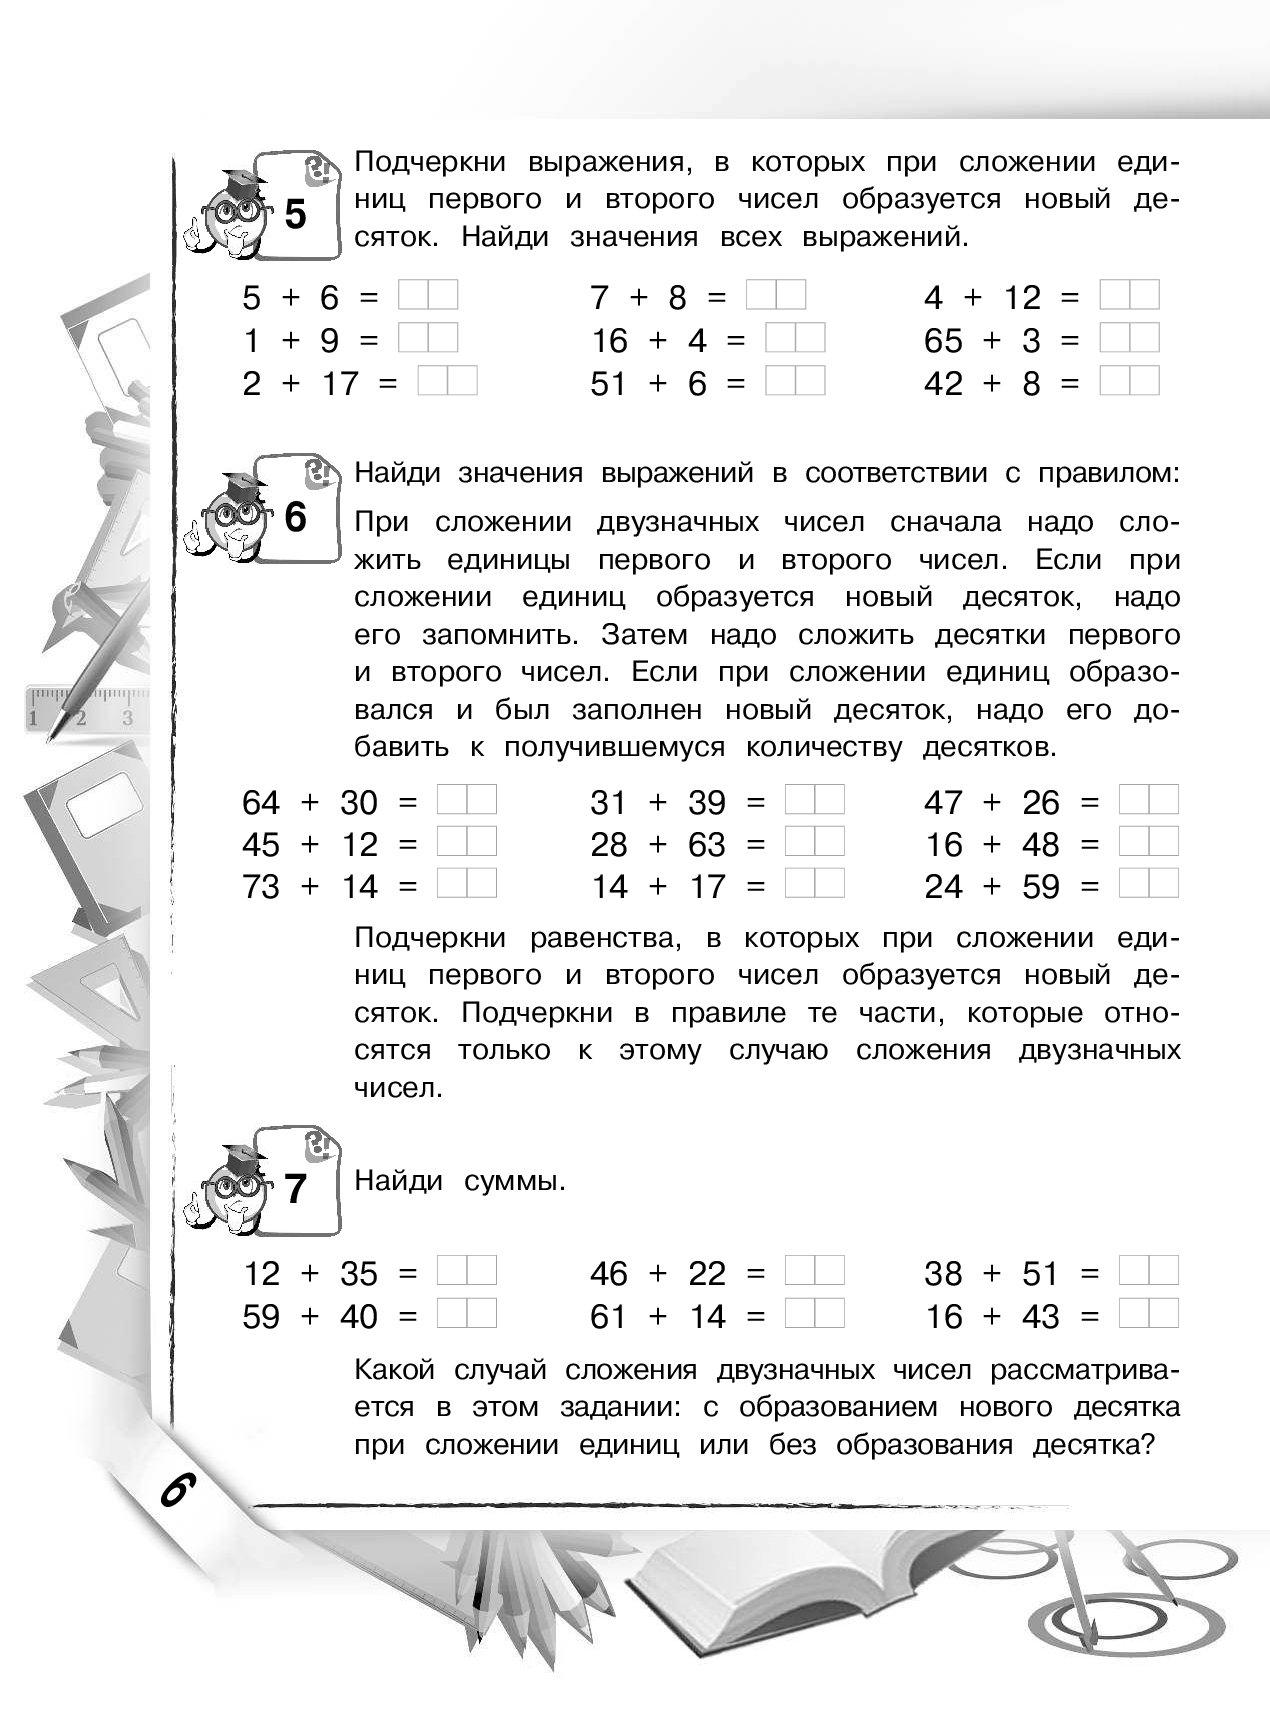 решебник по математике 4 класс занкова